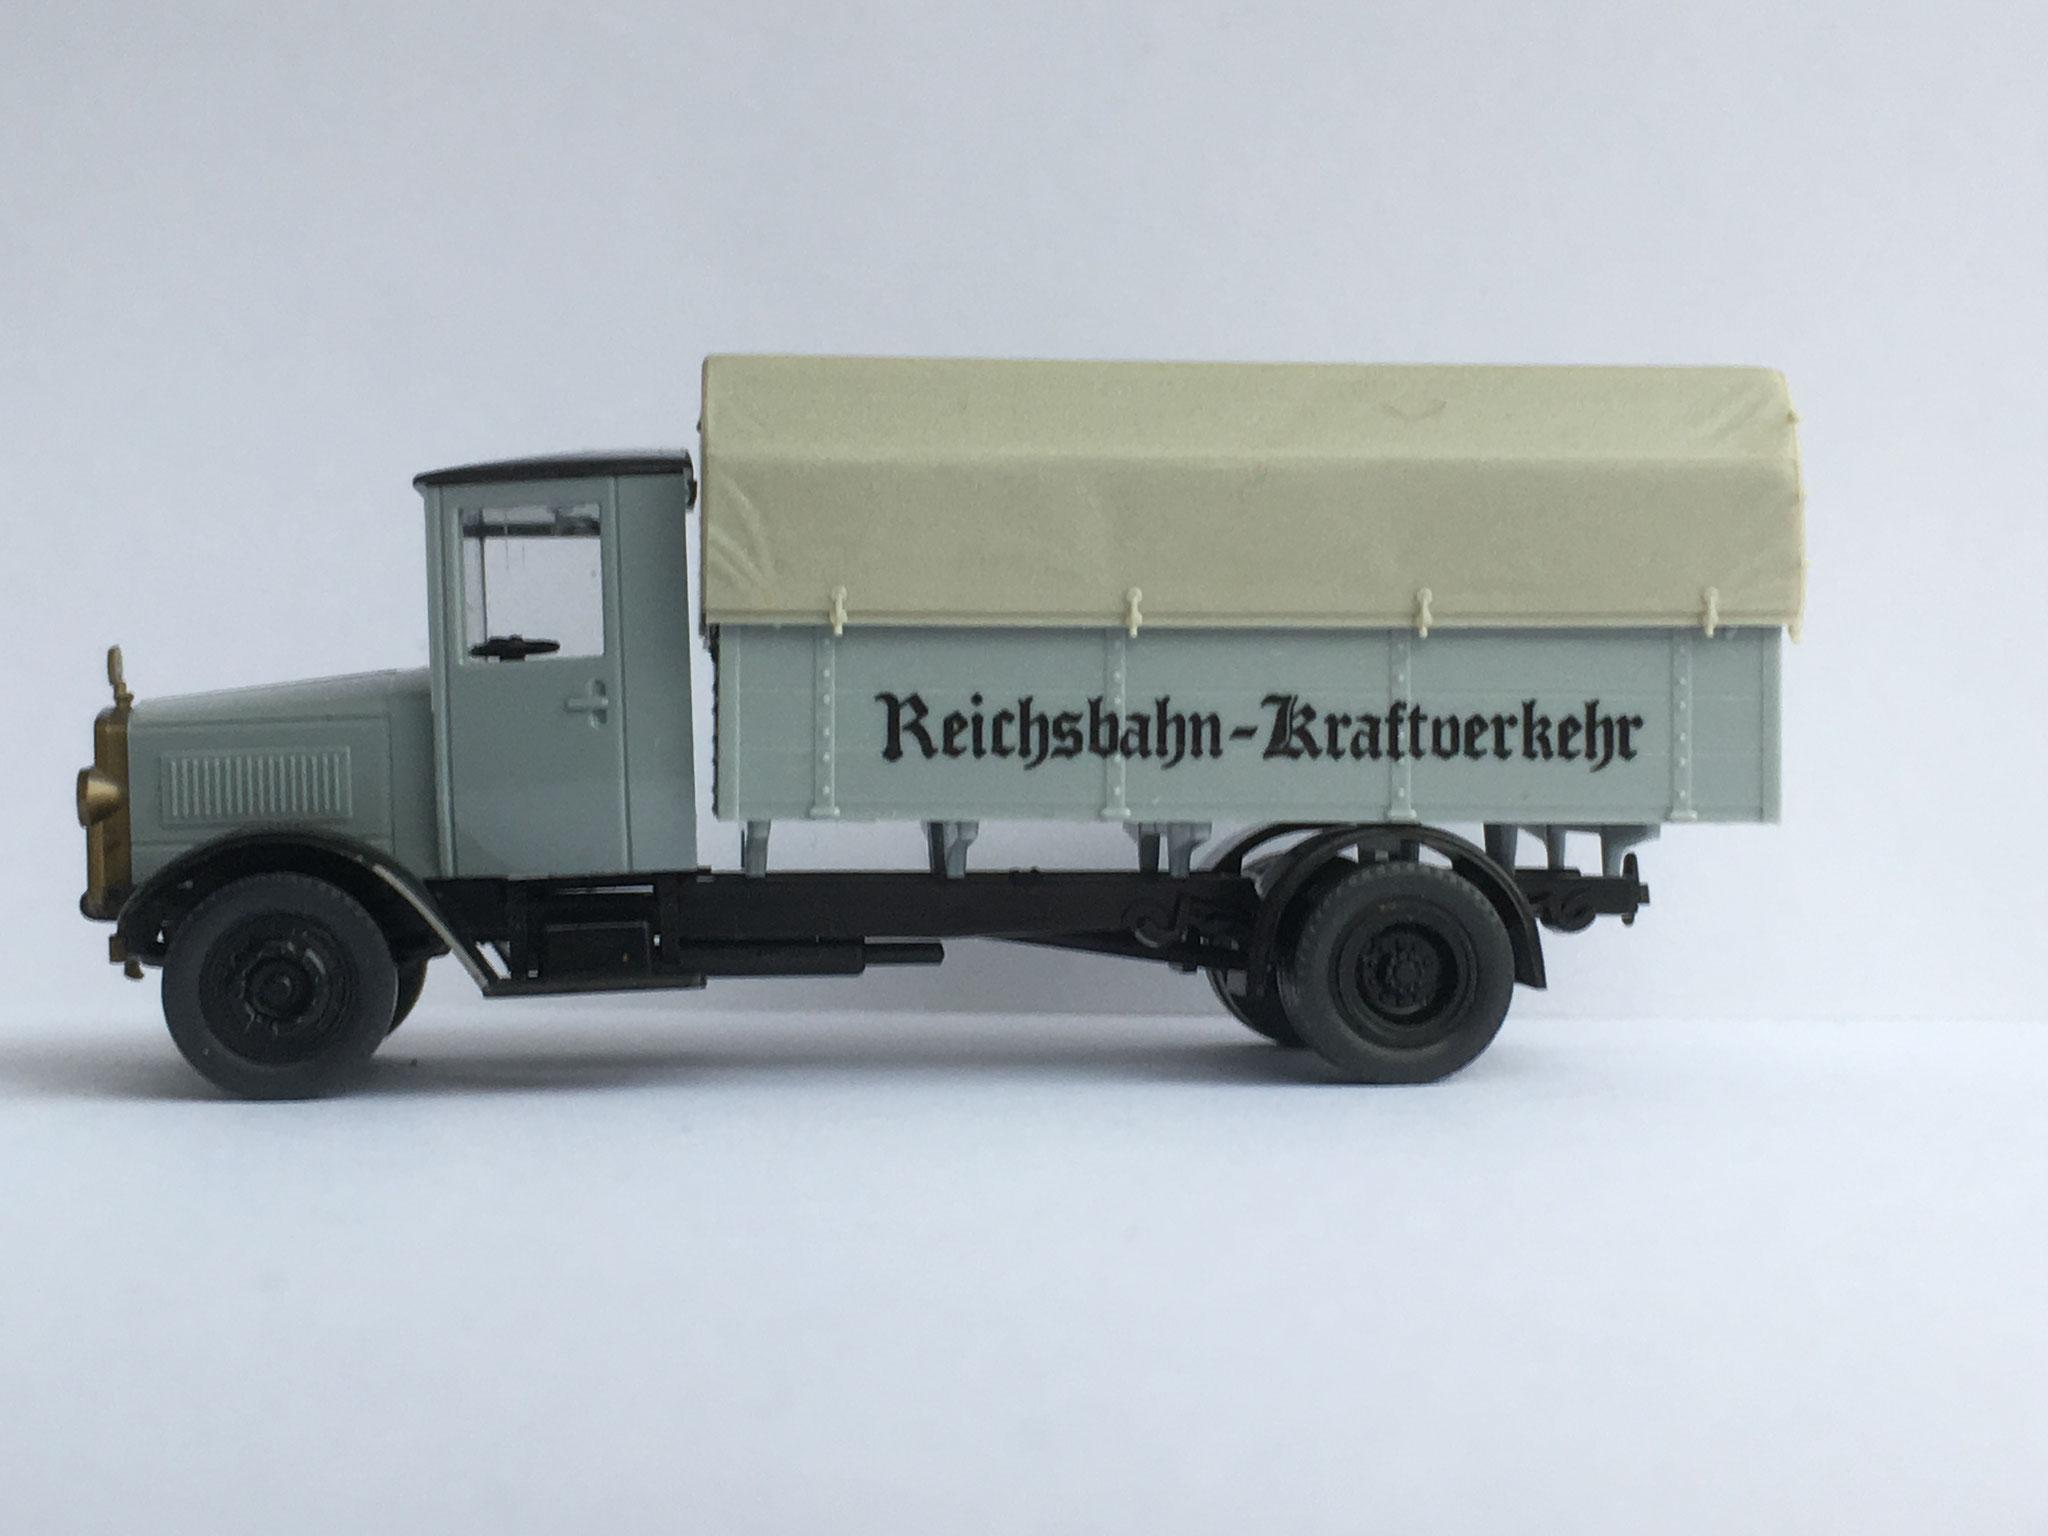 Mercedes L5 Reichsbahn-Kraftverkehr, Art. Nr. 1006 (ab 1988 im Programm)